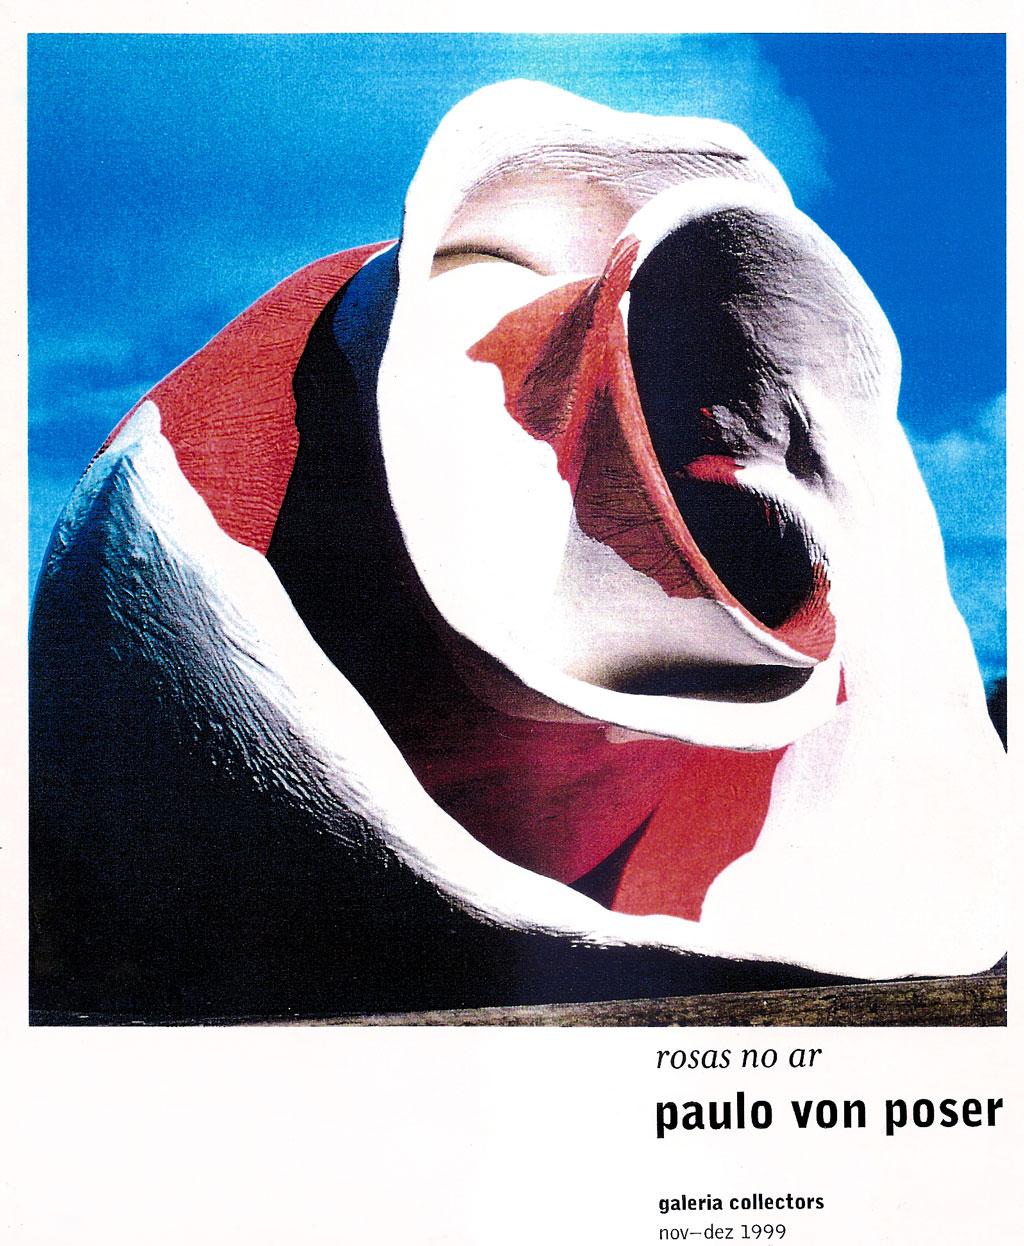 ROSAS.TERRA 1999 PAULO VON POSER (4)